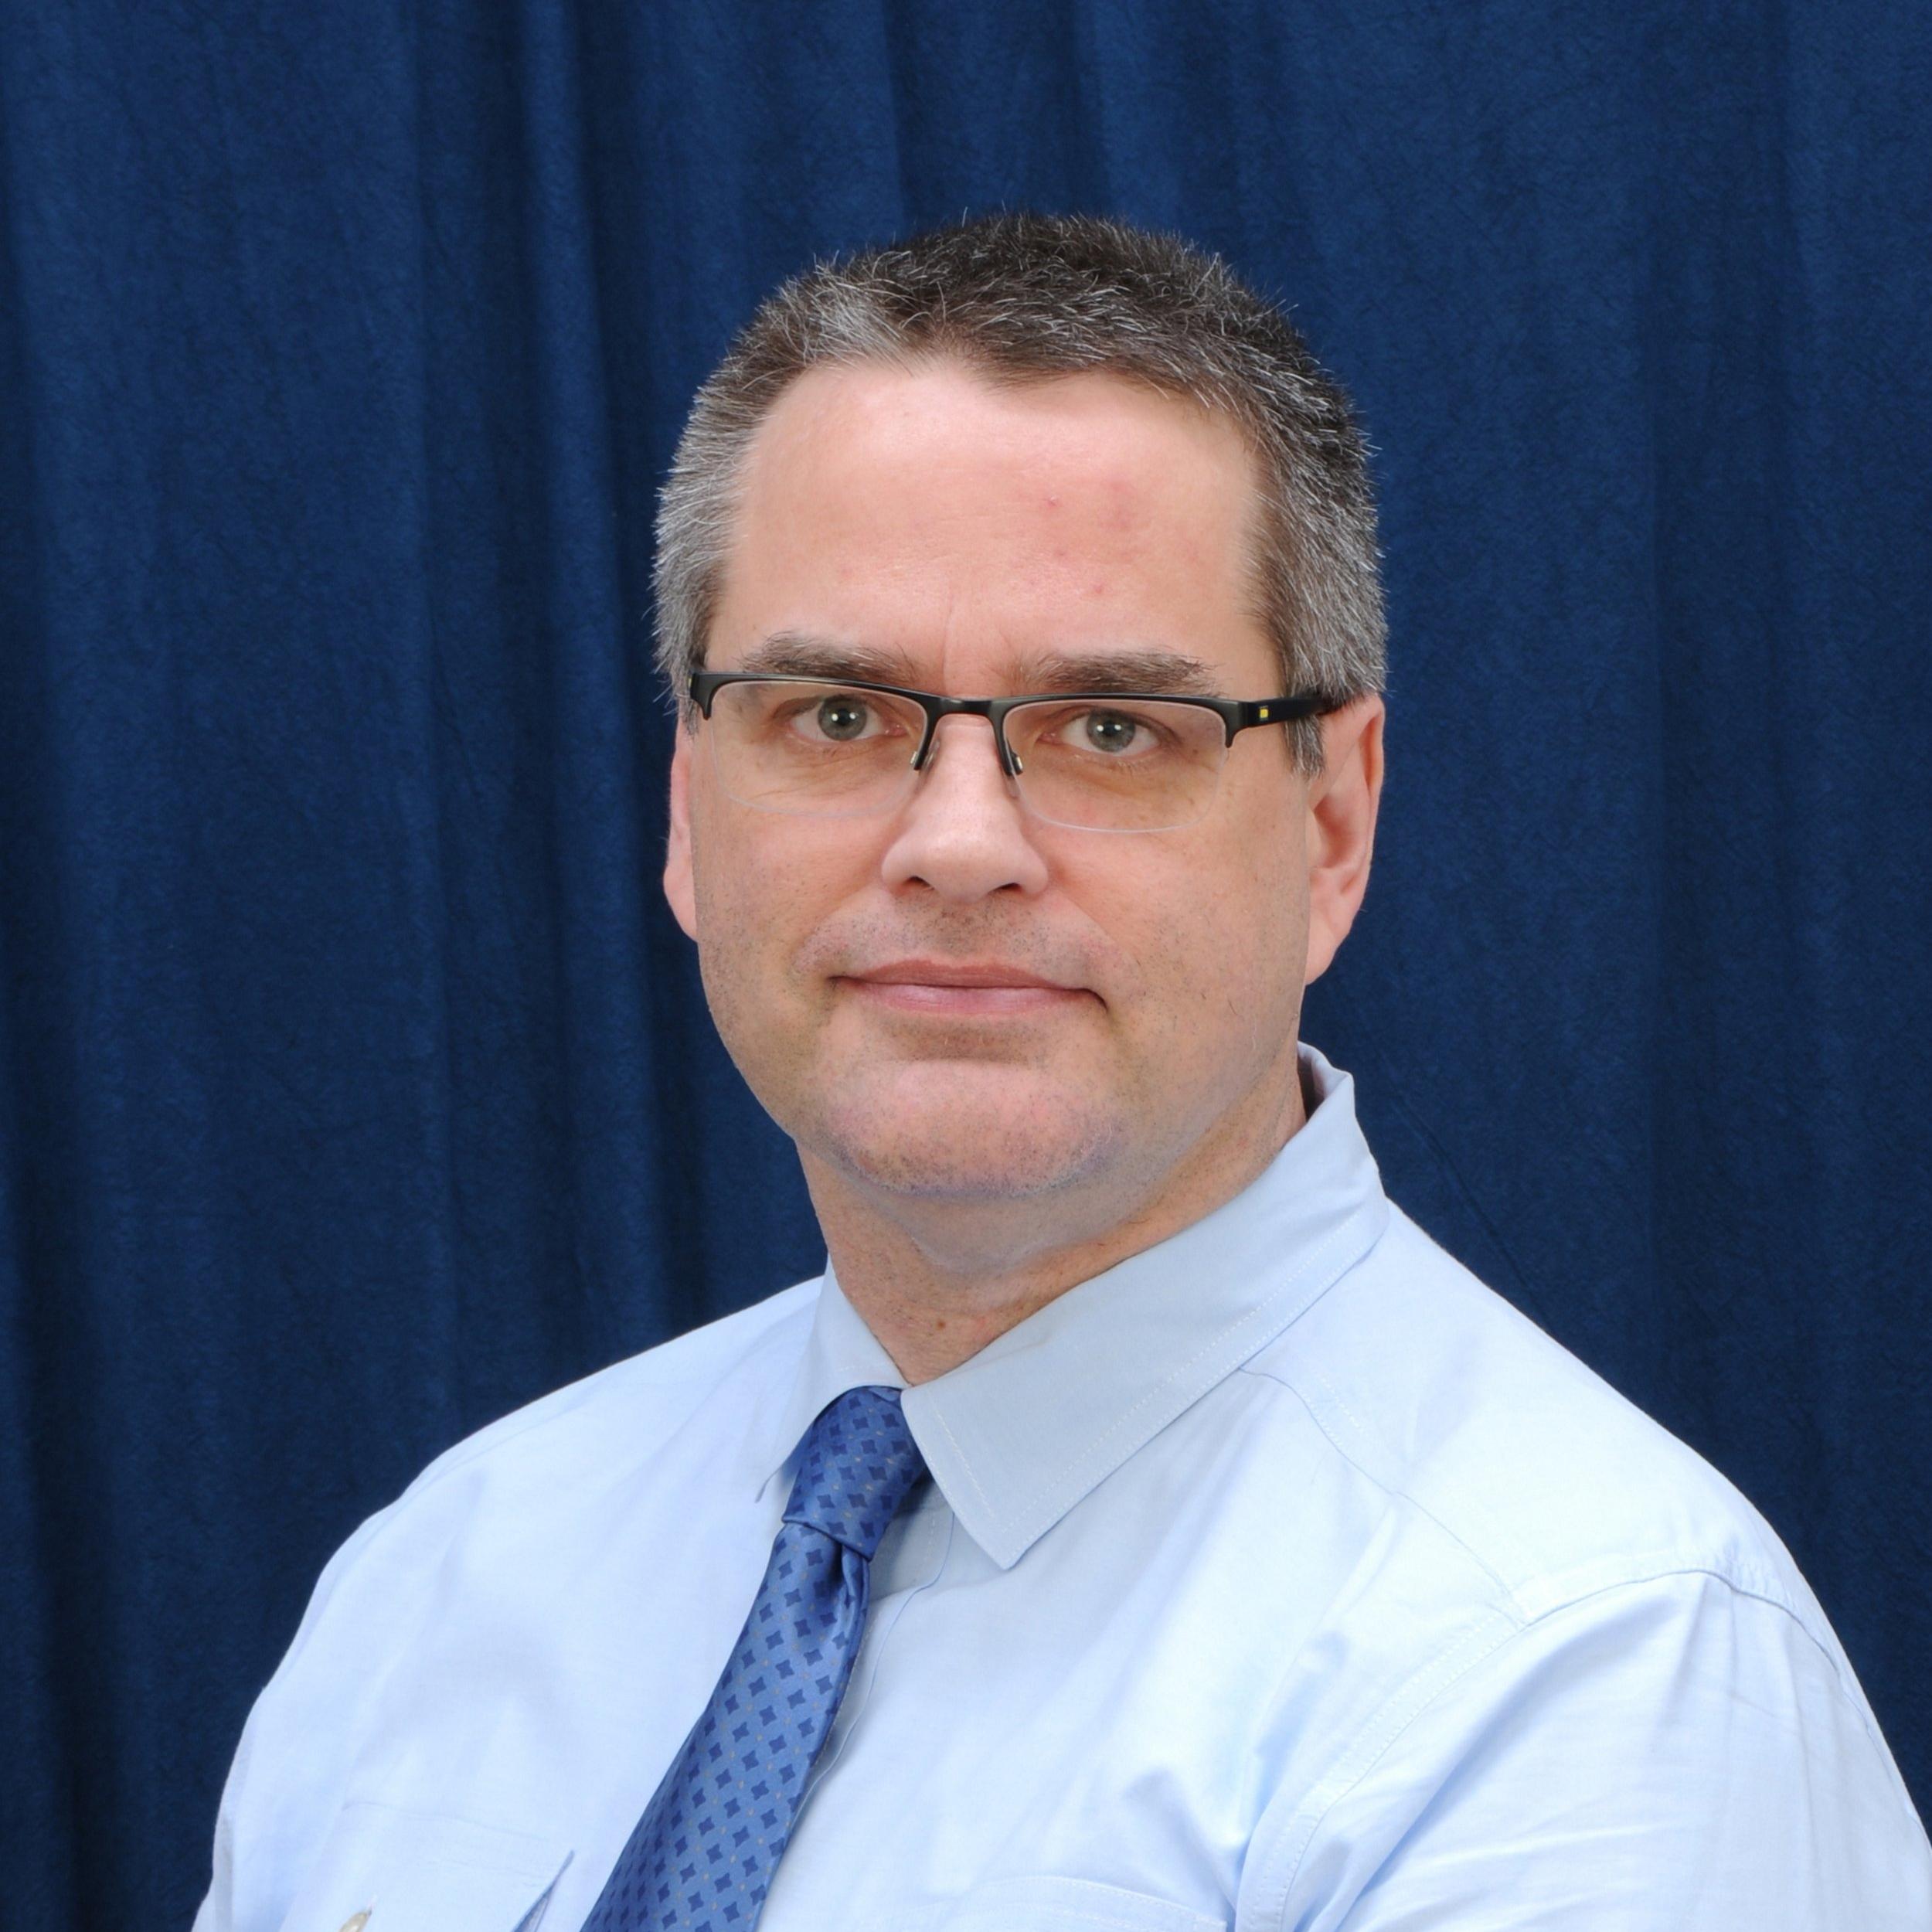 David Mack, DO (East)